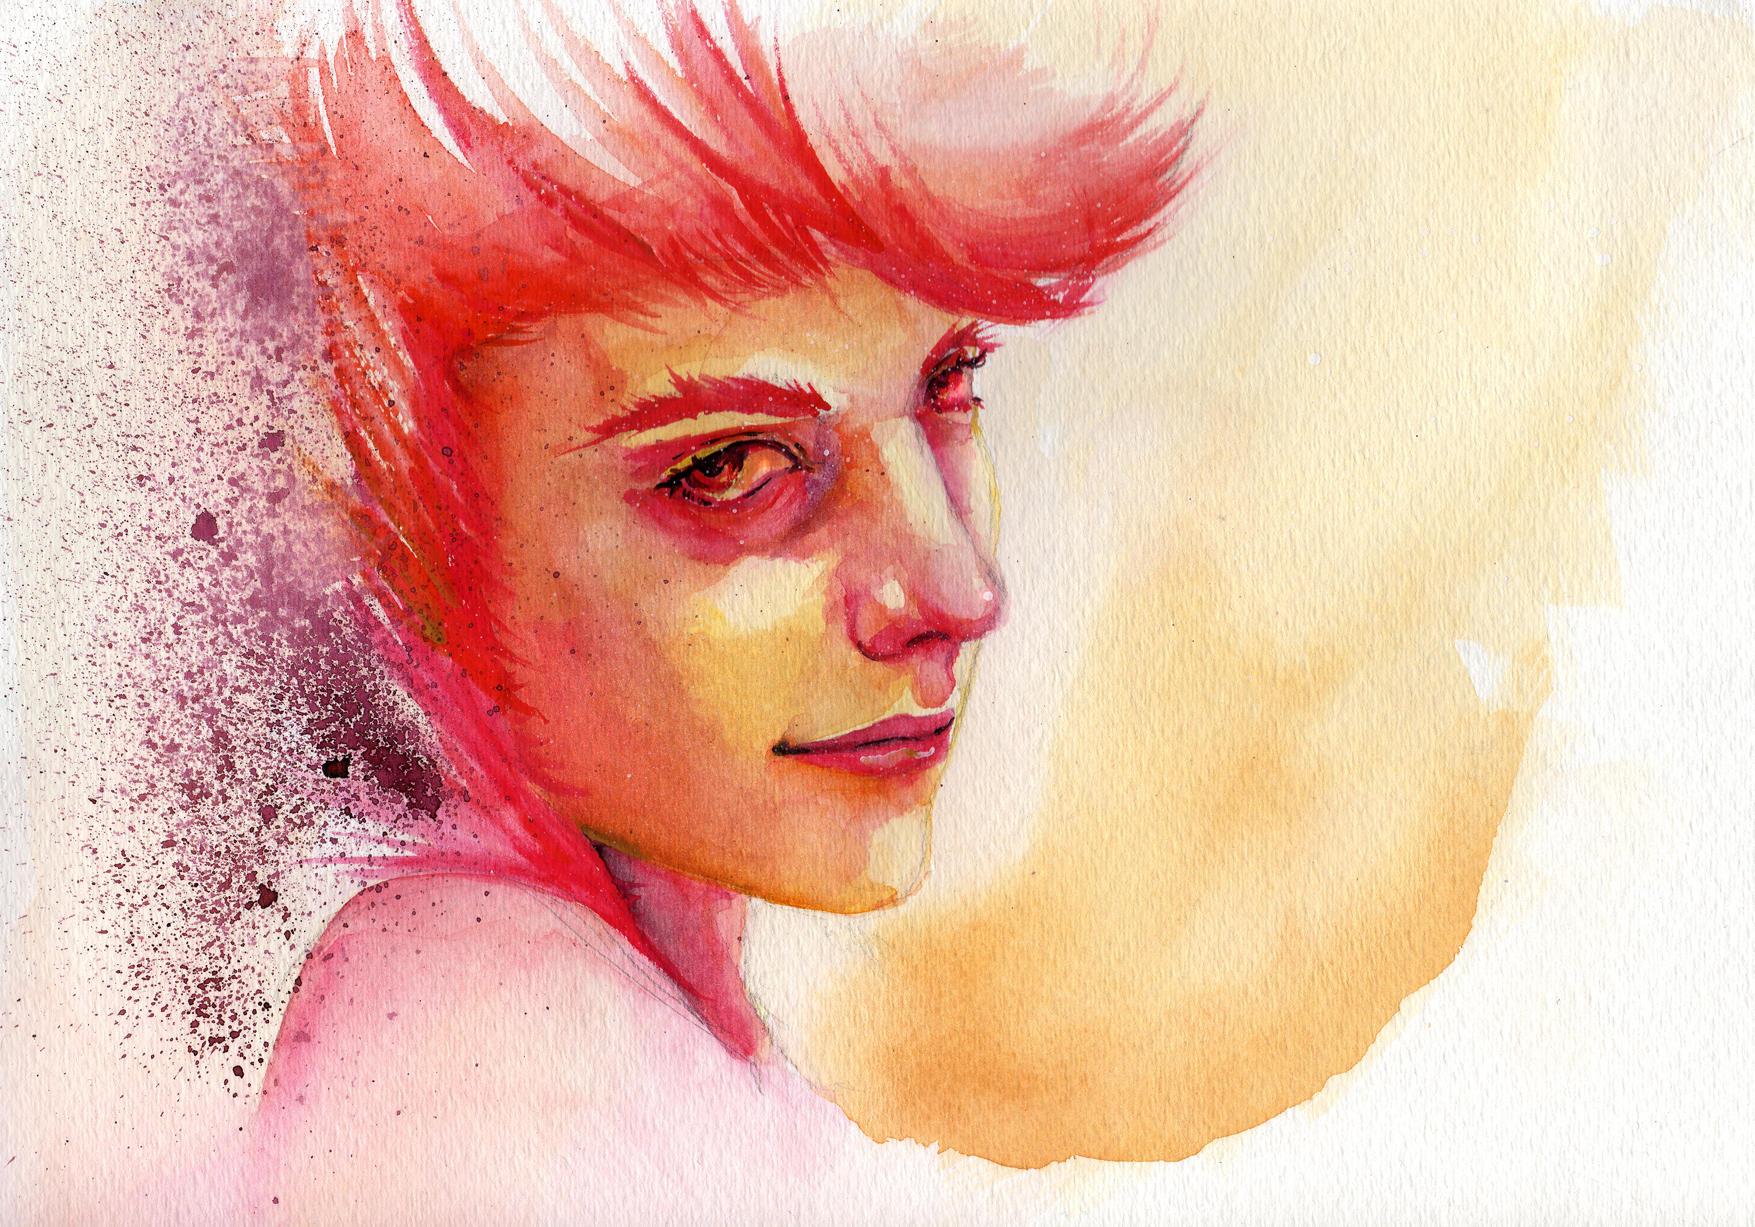 Self Portrait in Watercolor by shimbo-kun